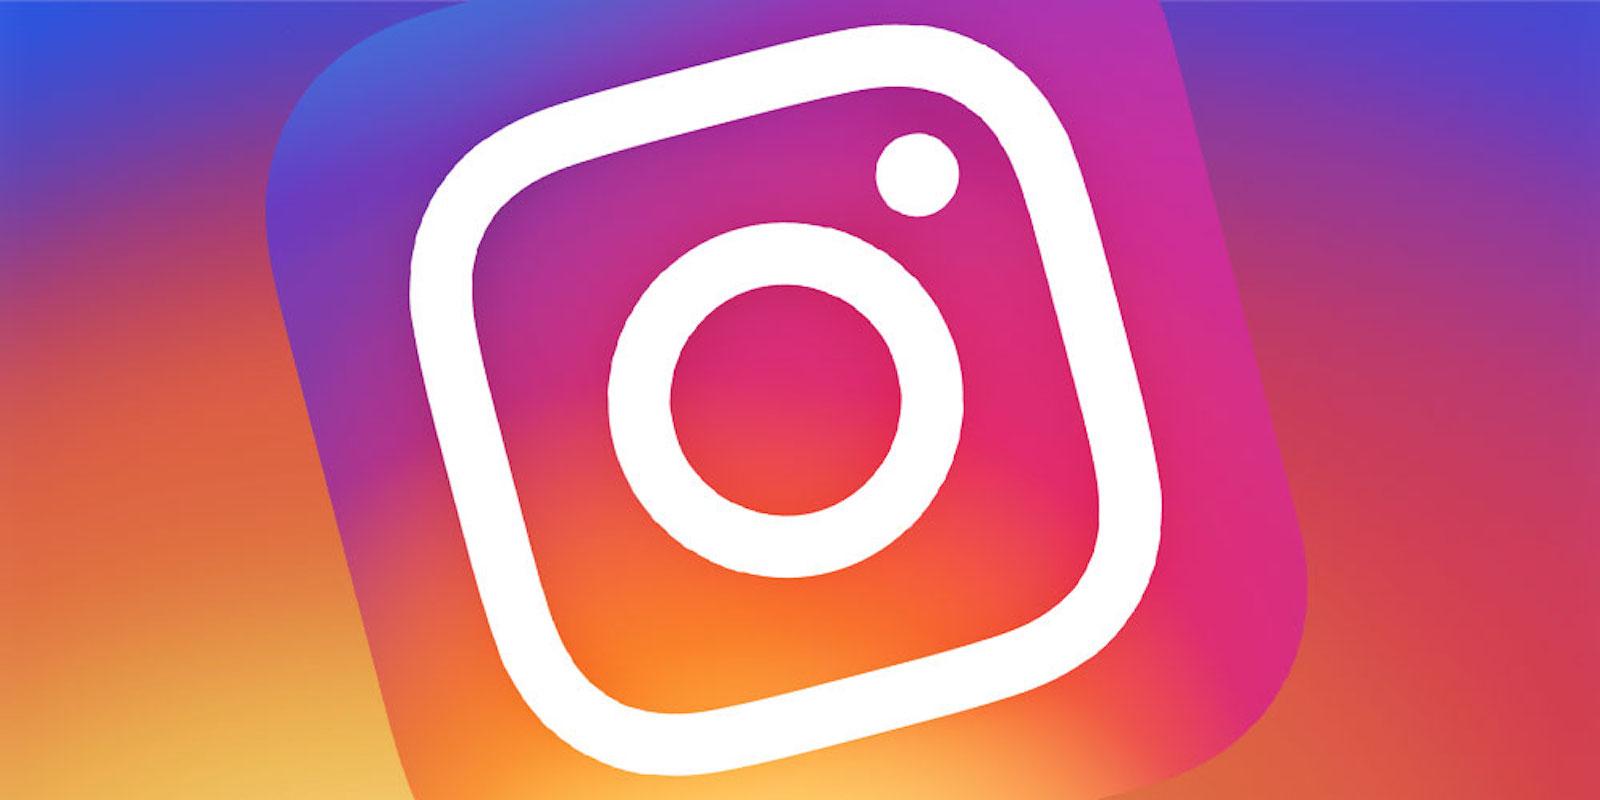 Rhino trae potentes herramientas de descarga de medios a la aplicación de Instagram